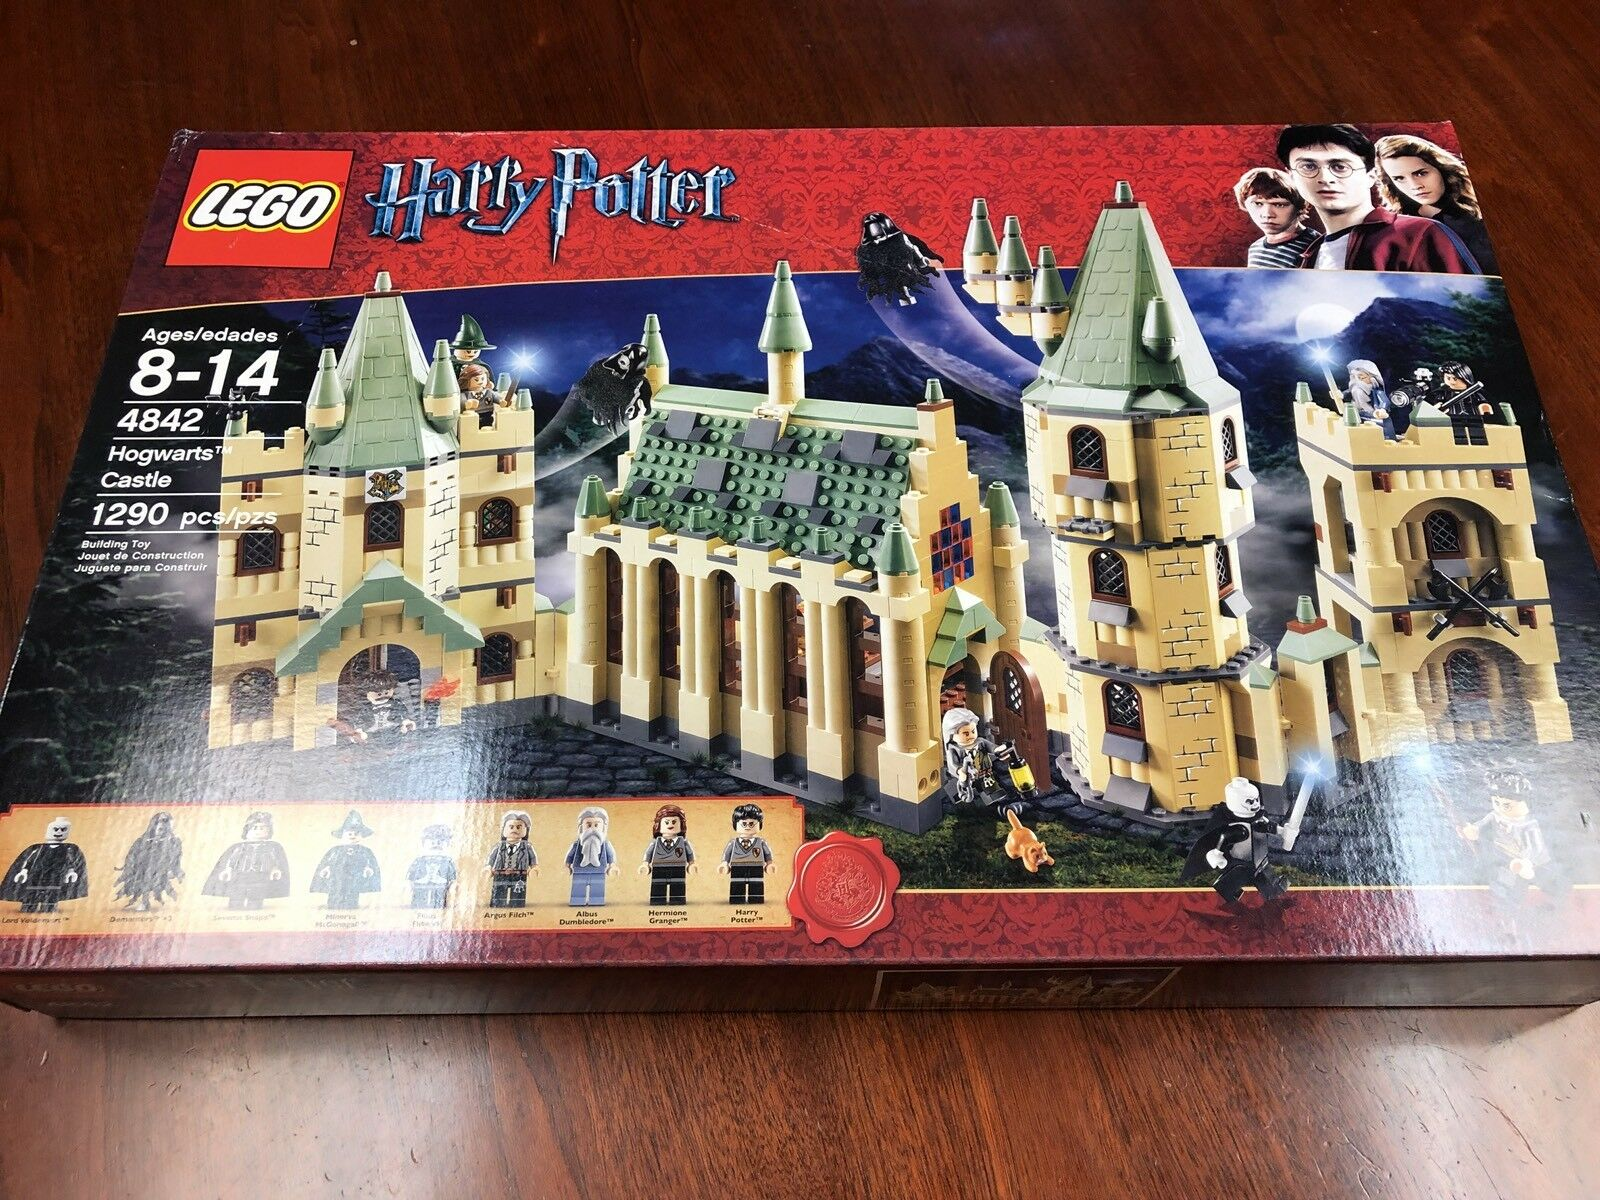 LEGO 4842 Harry Potter Hogwarts Castle  2010 Brand nouveau - Retirouge  se hâta de voir